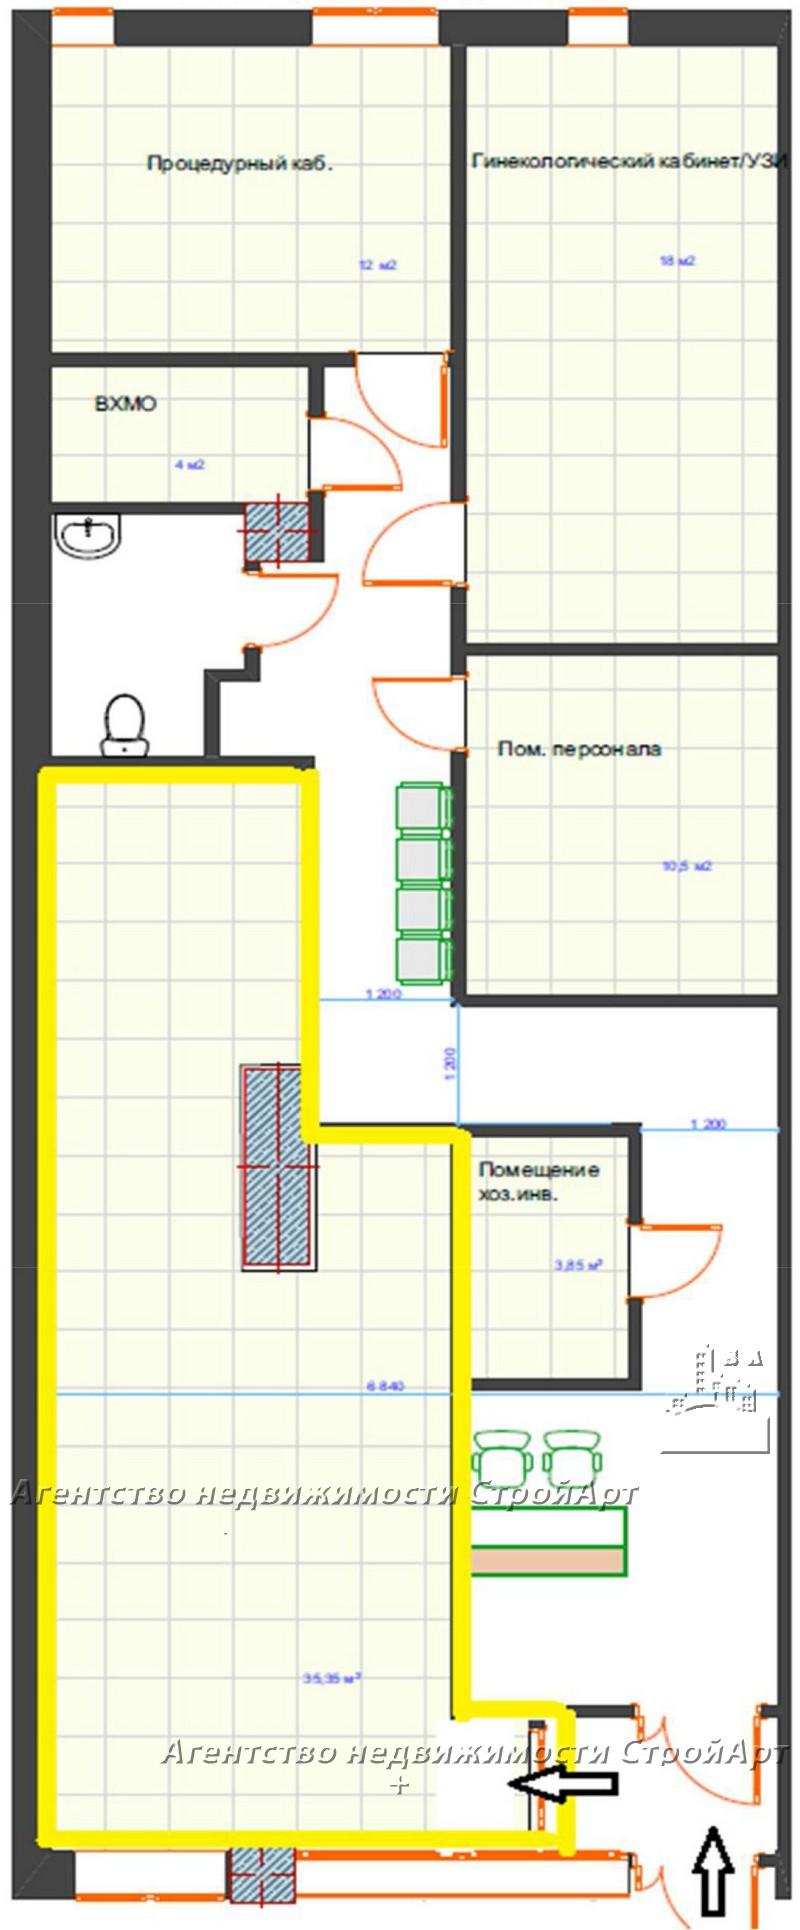 5024 Аренда помещения  м. Бауманская, ул. Ладожская д.8, без комиссии